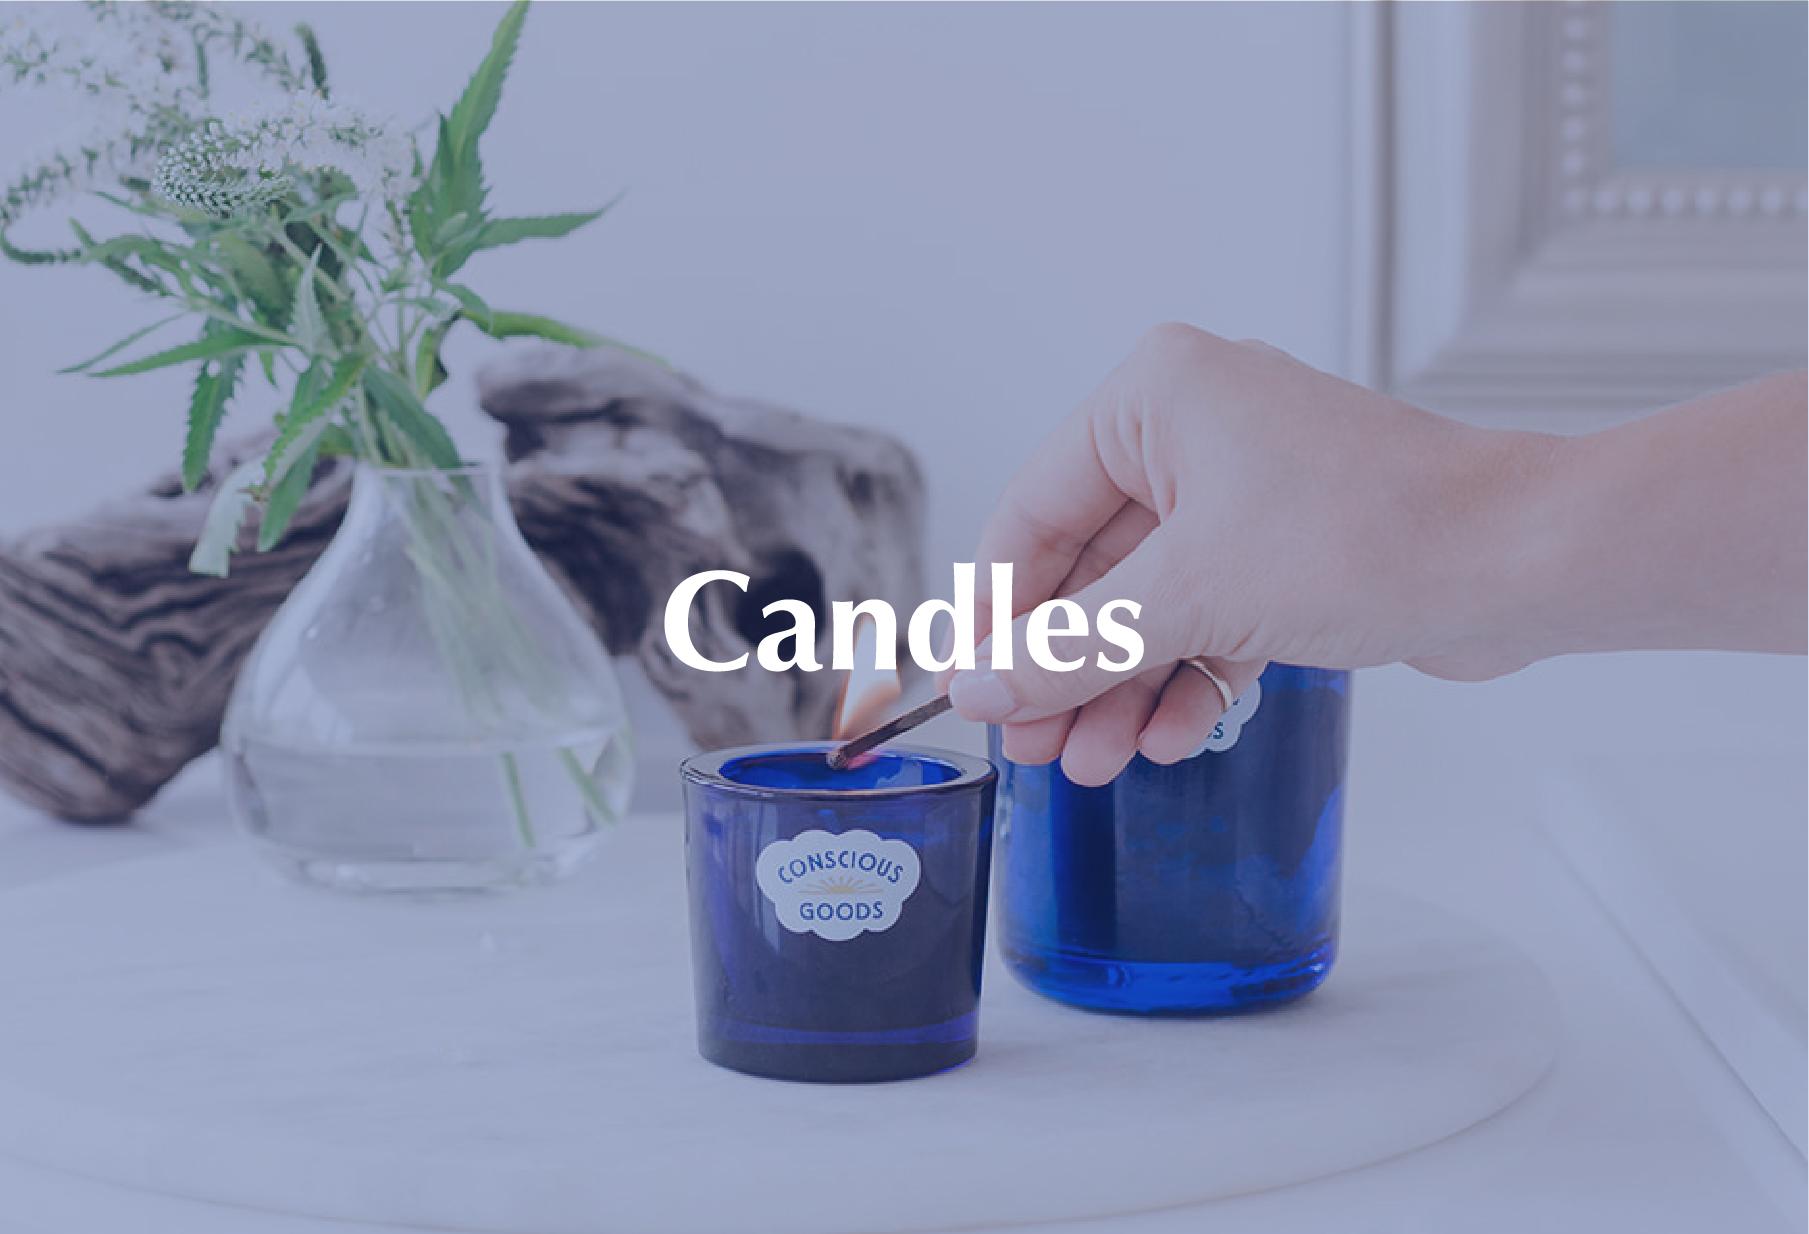 CG_Buttons_lighter-candles.jpg